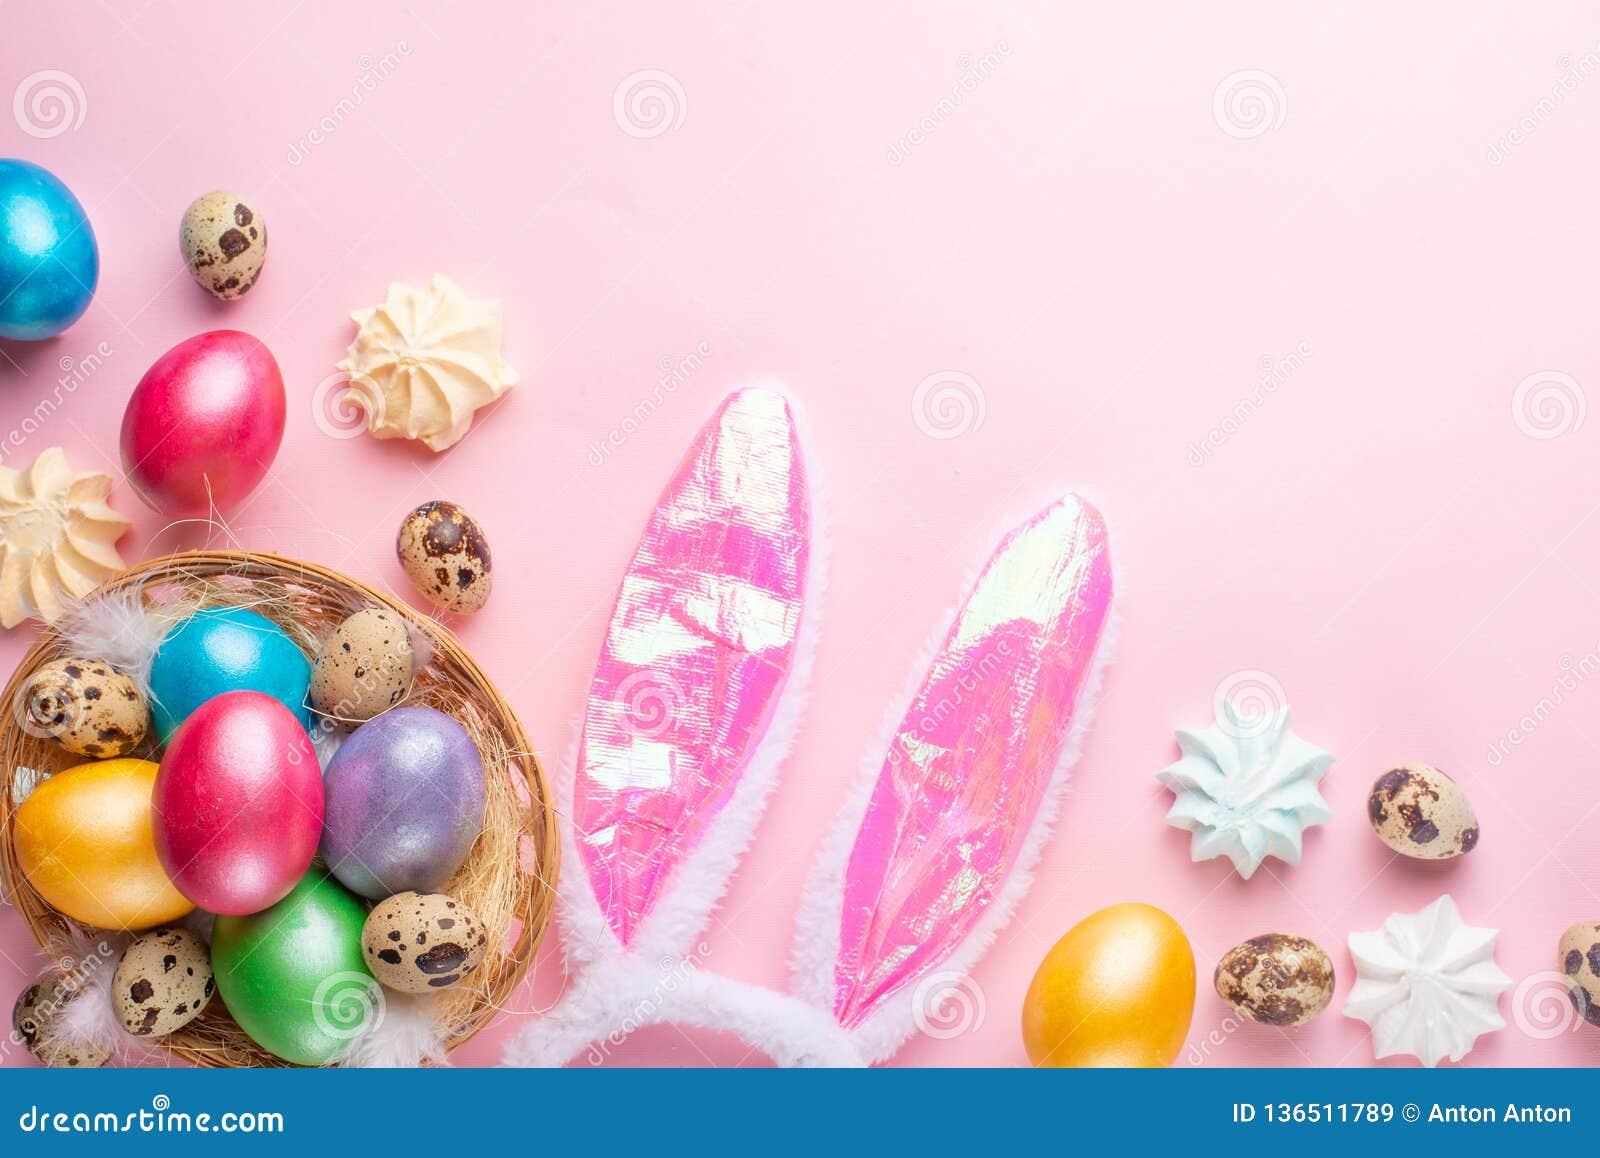 Пасхальные яйца покрашенные с ушами и помадками кролика квартира кладет с космосом для дизайна, горизонтального состава Концепция